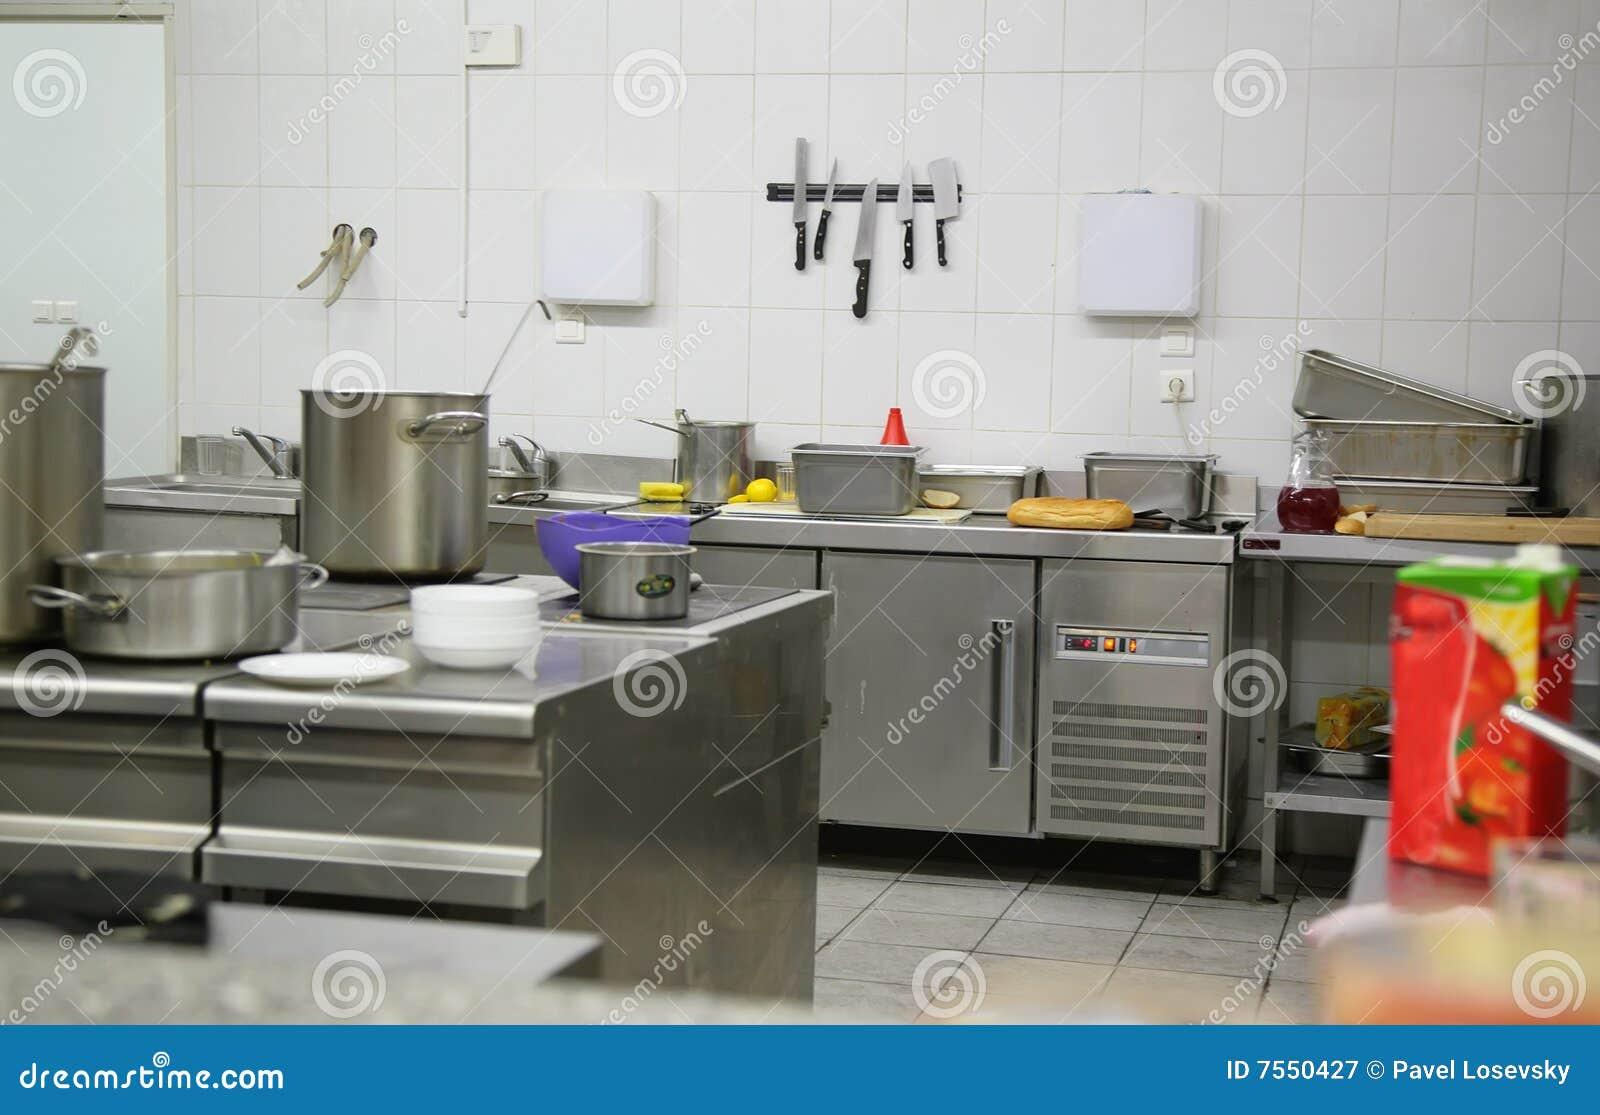 Cozinha Industrial Fotografia de Stock Royalty Free Imagem: 7550427 #AC2B1F 1300 923